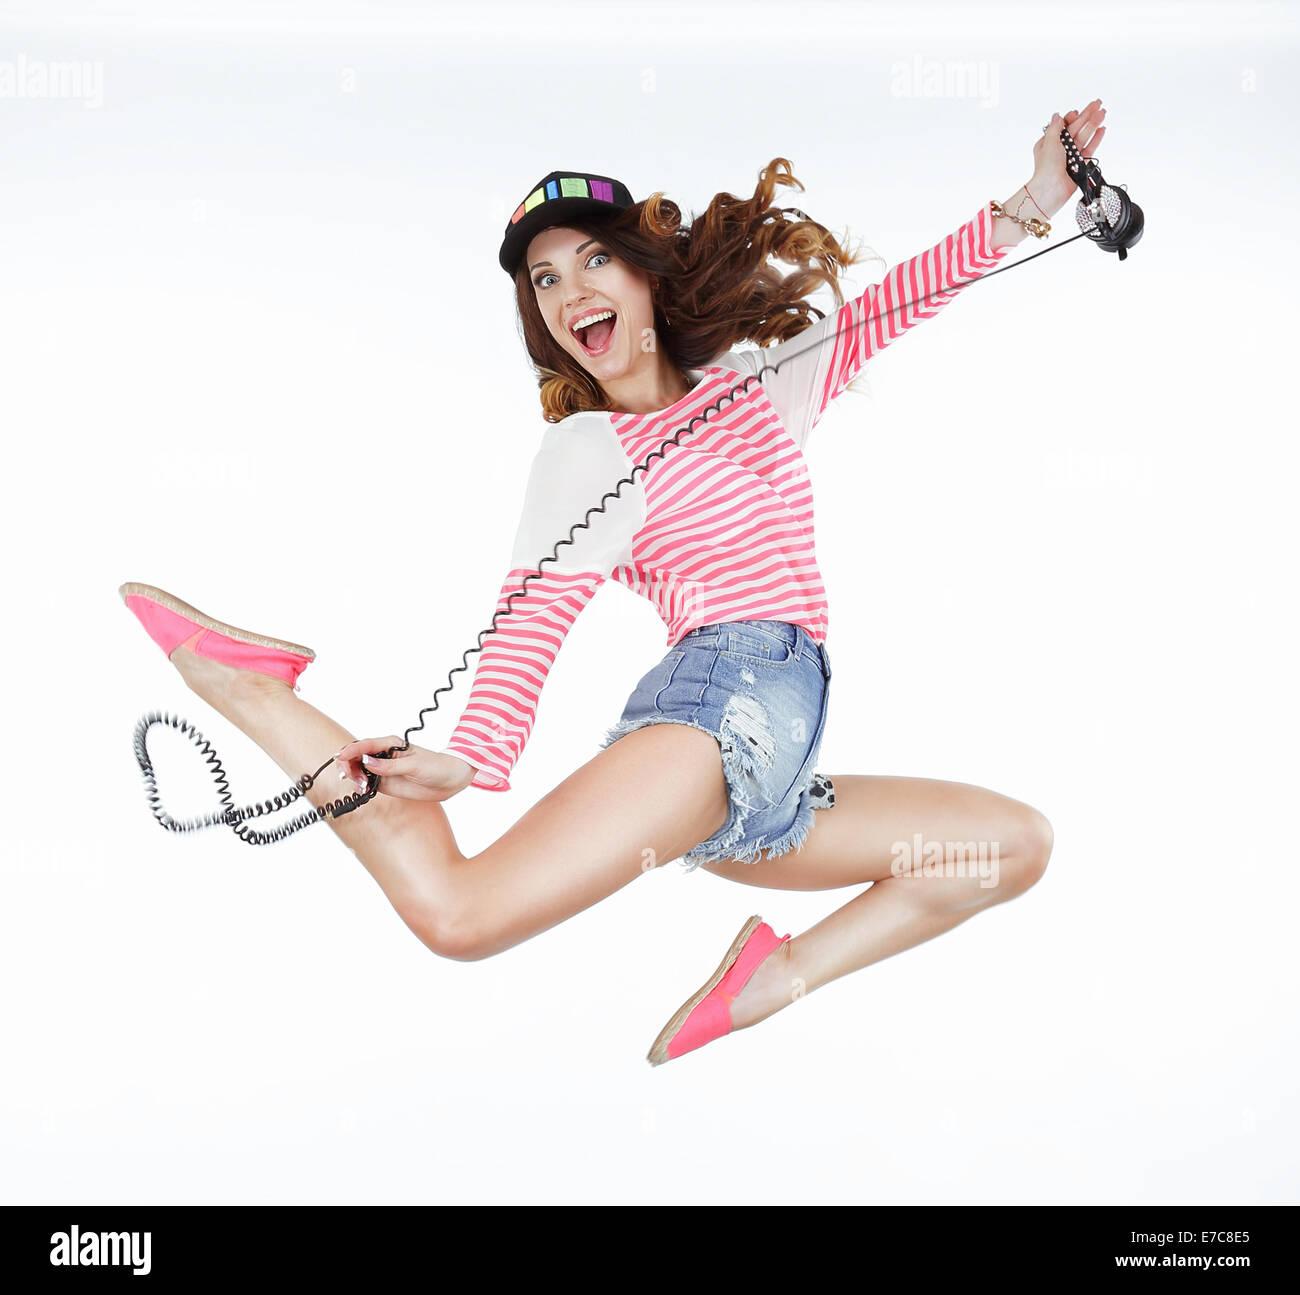 Lebensstil. Dynamische animierte lustige Frau springen. Freiheit Stockbild